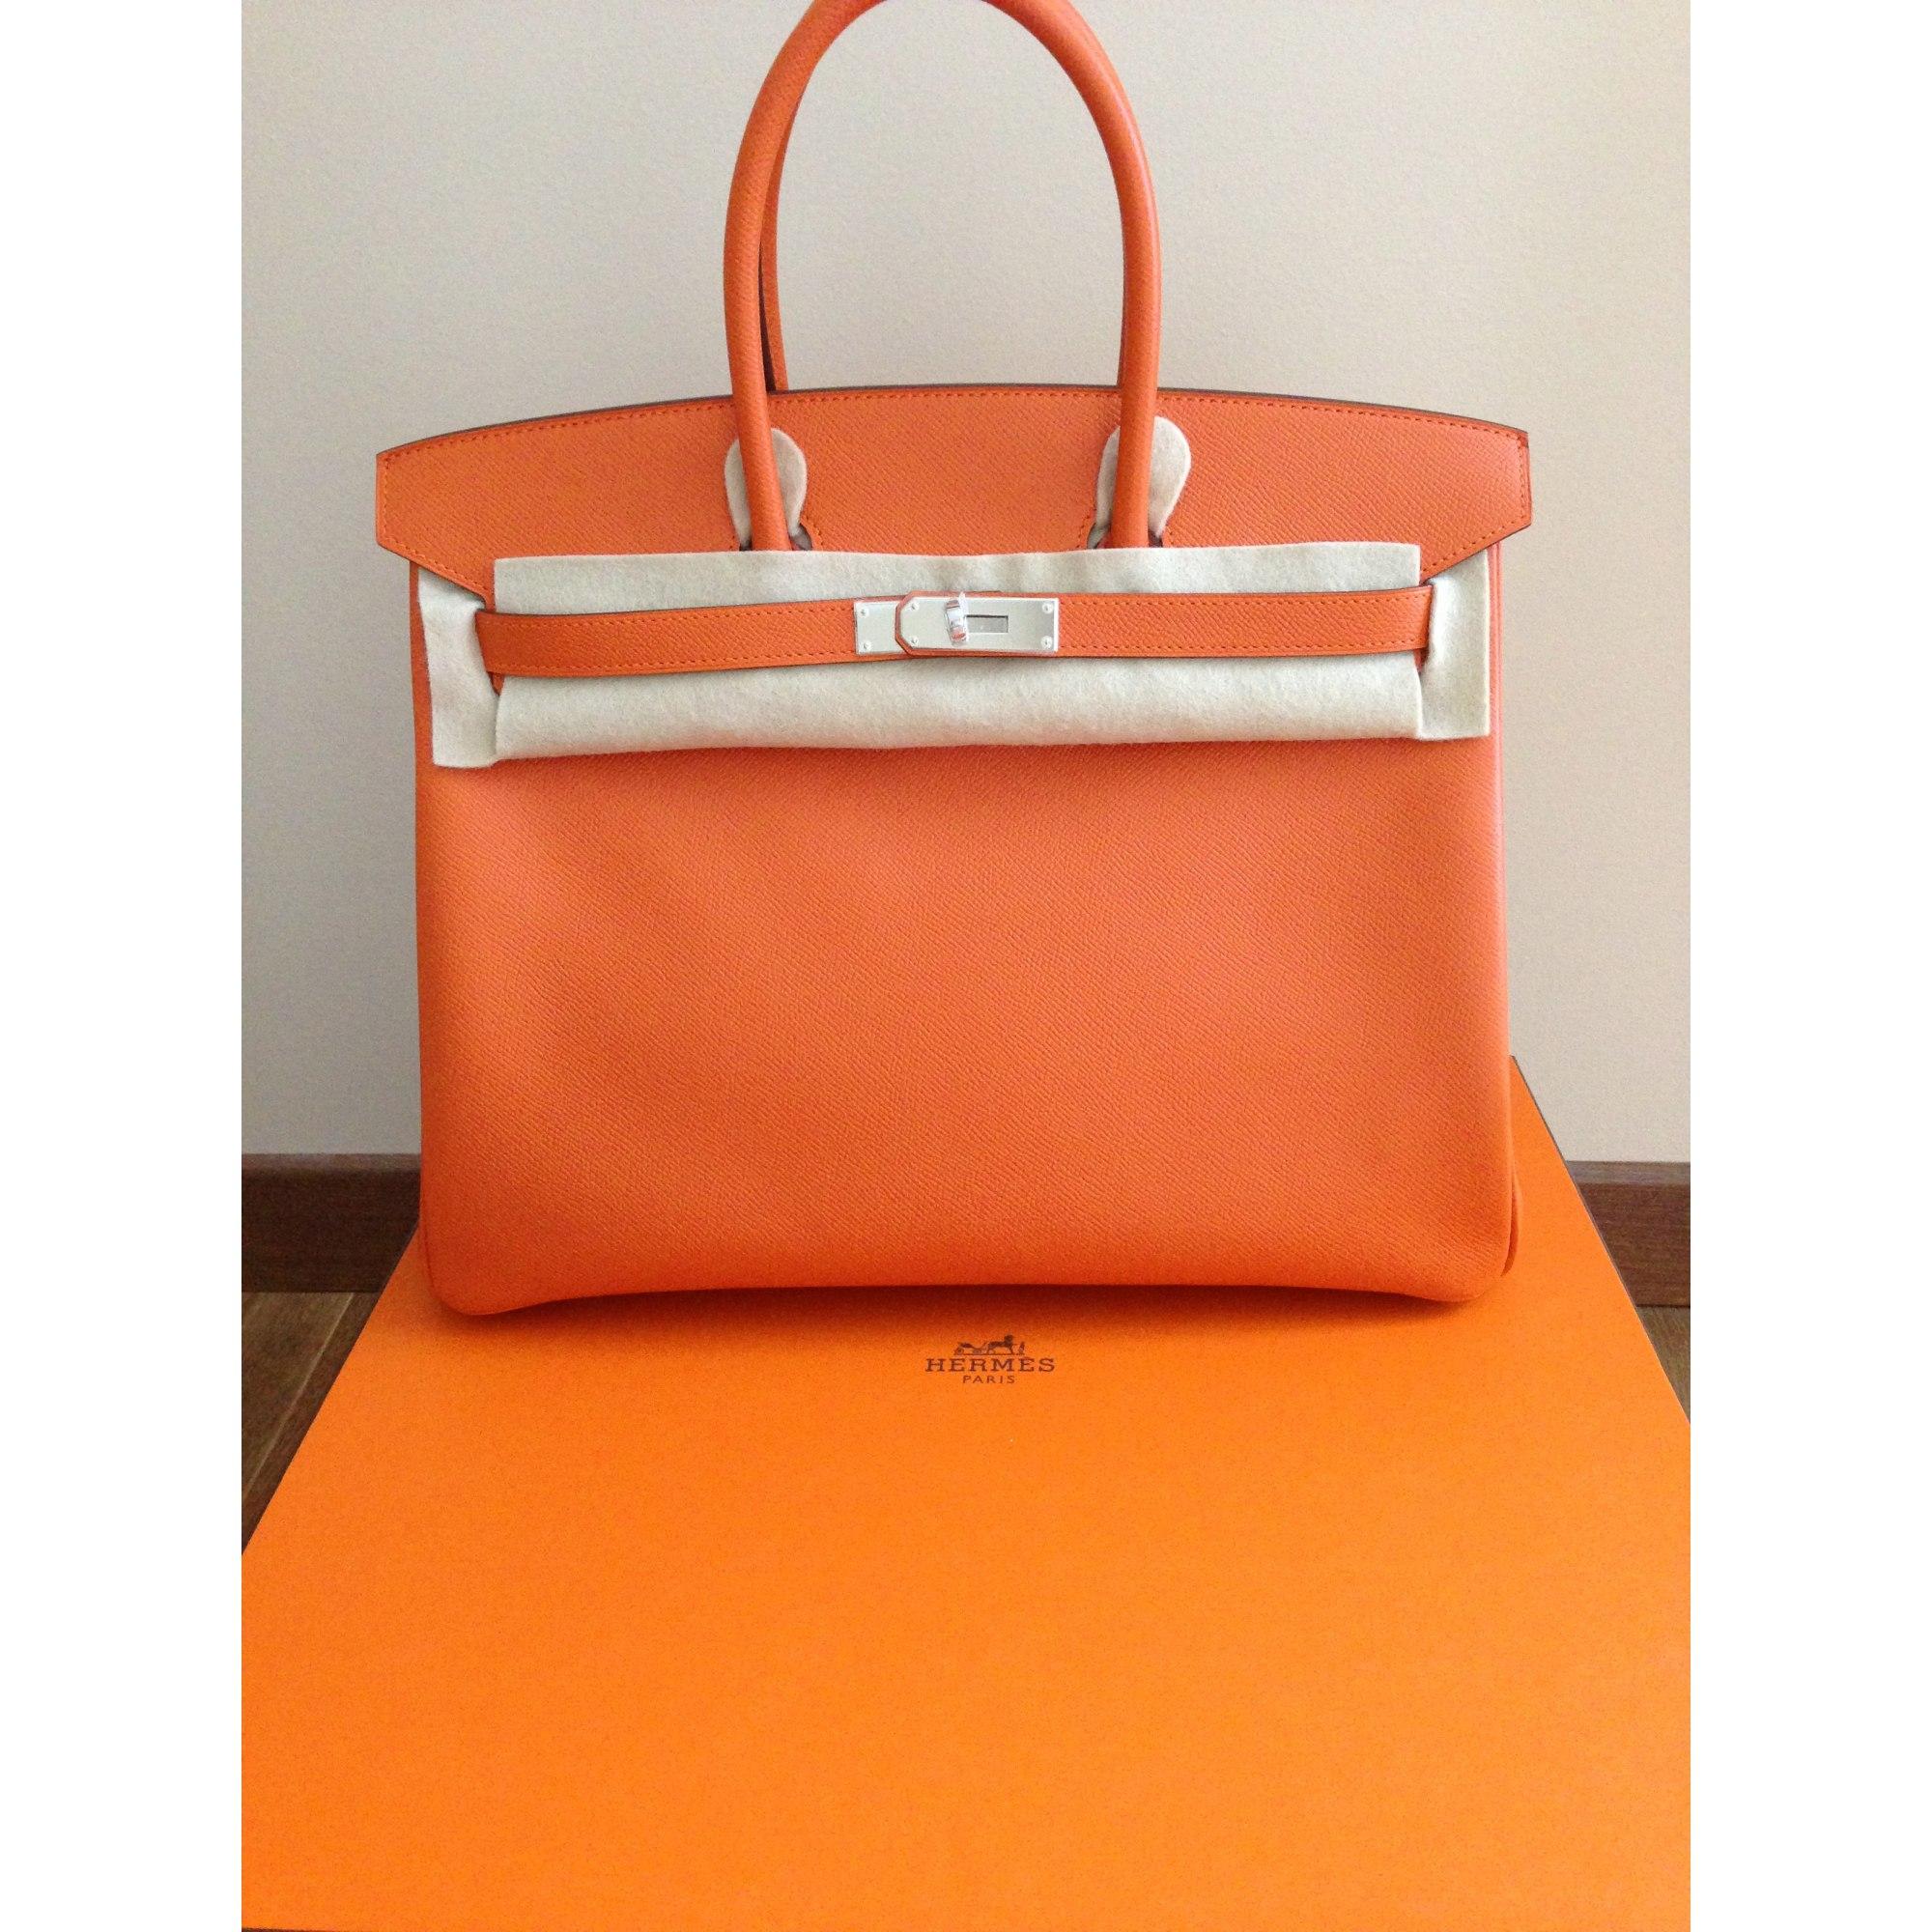 5bbc962389 Sac à main en cuir HERMÈS orange - 1523887